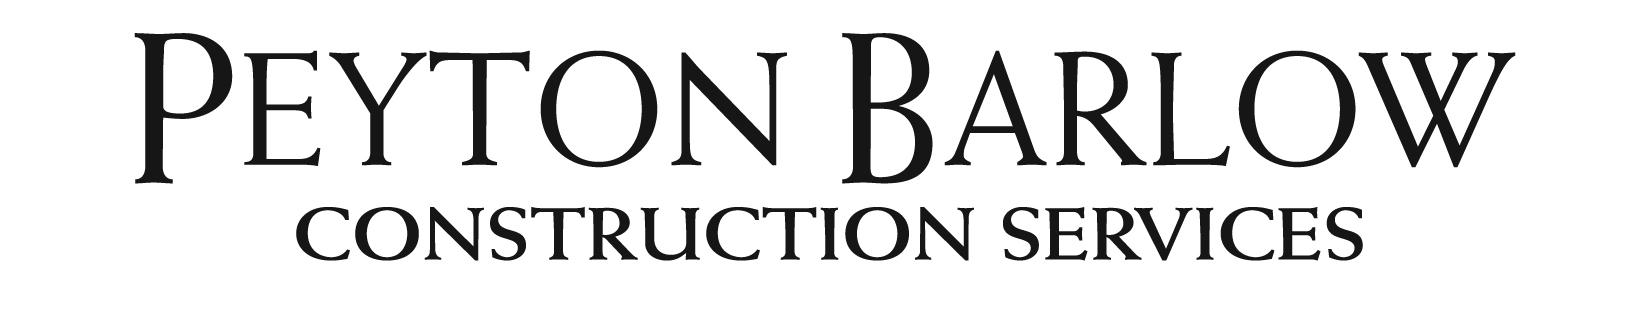 Peyton Barlow logo